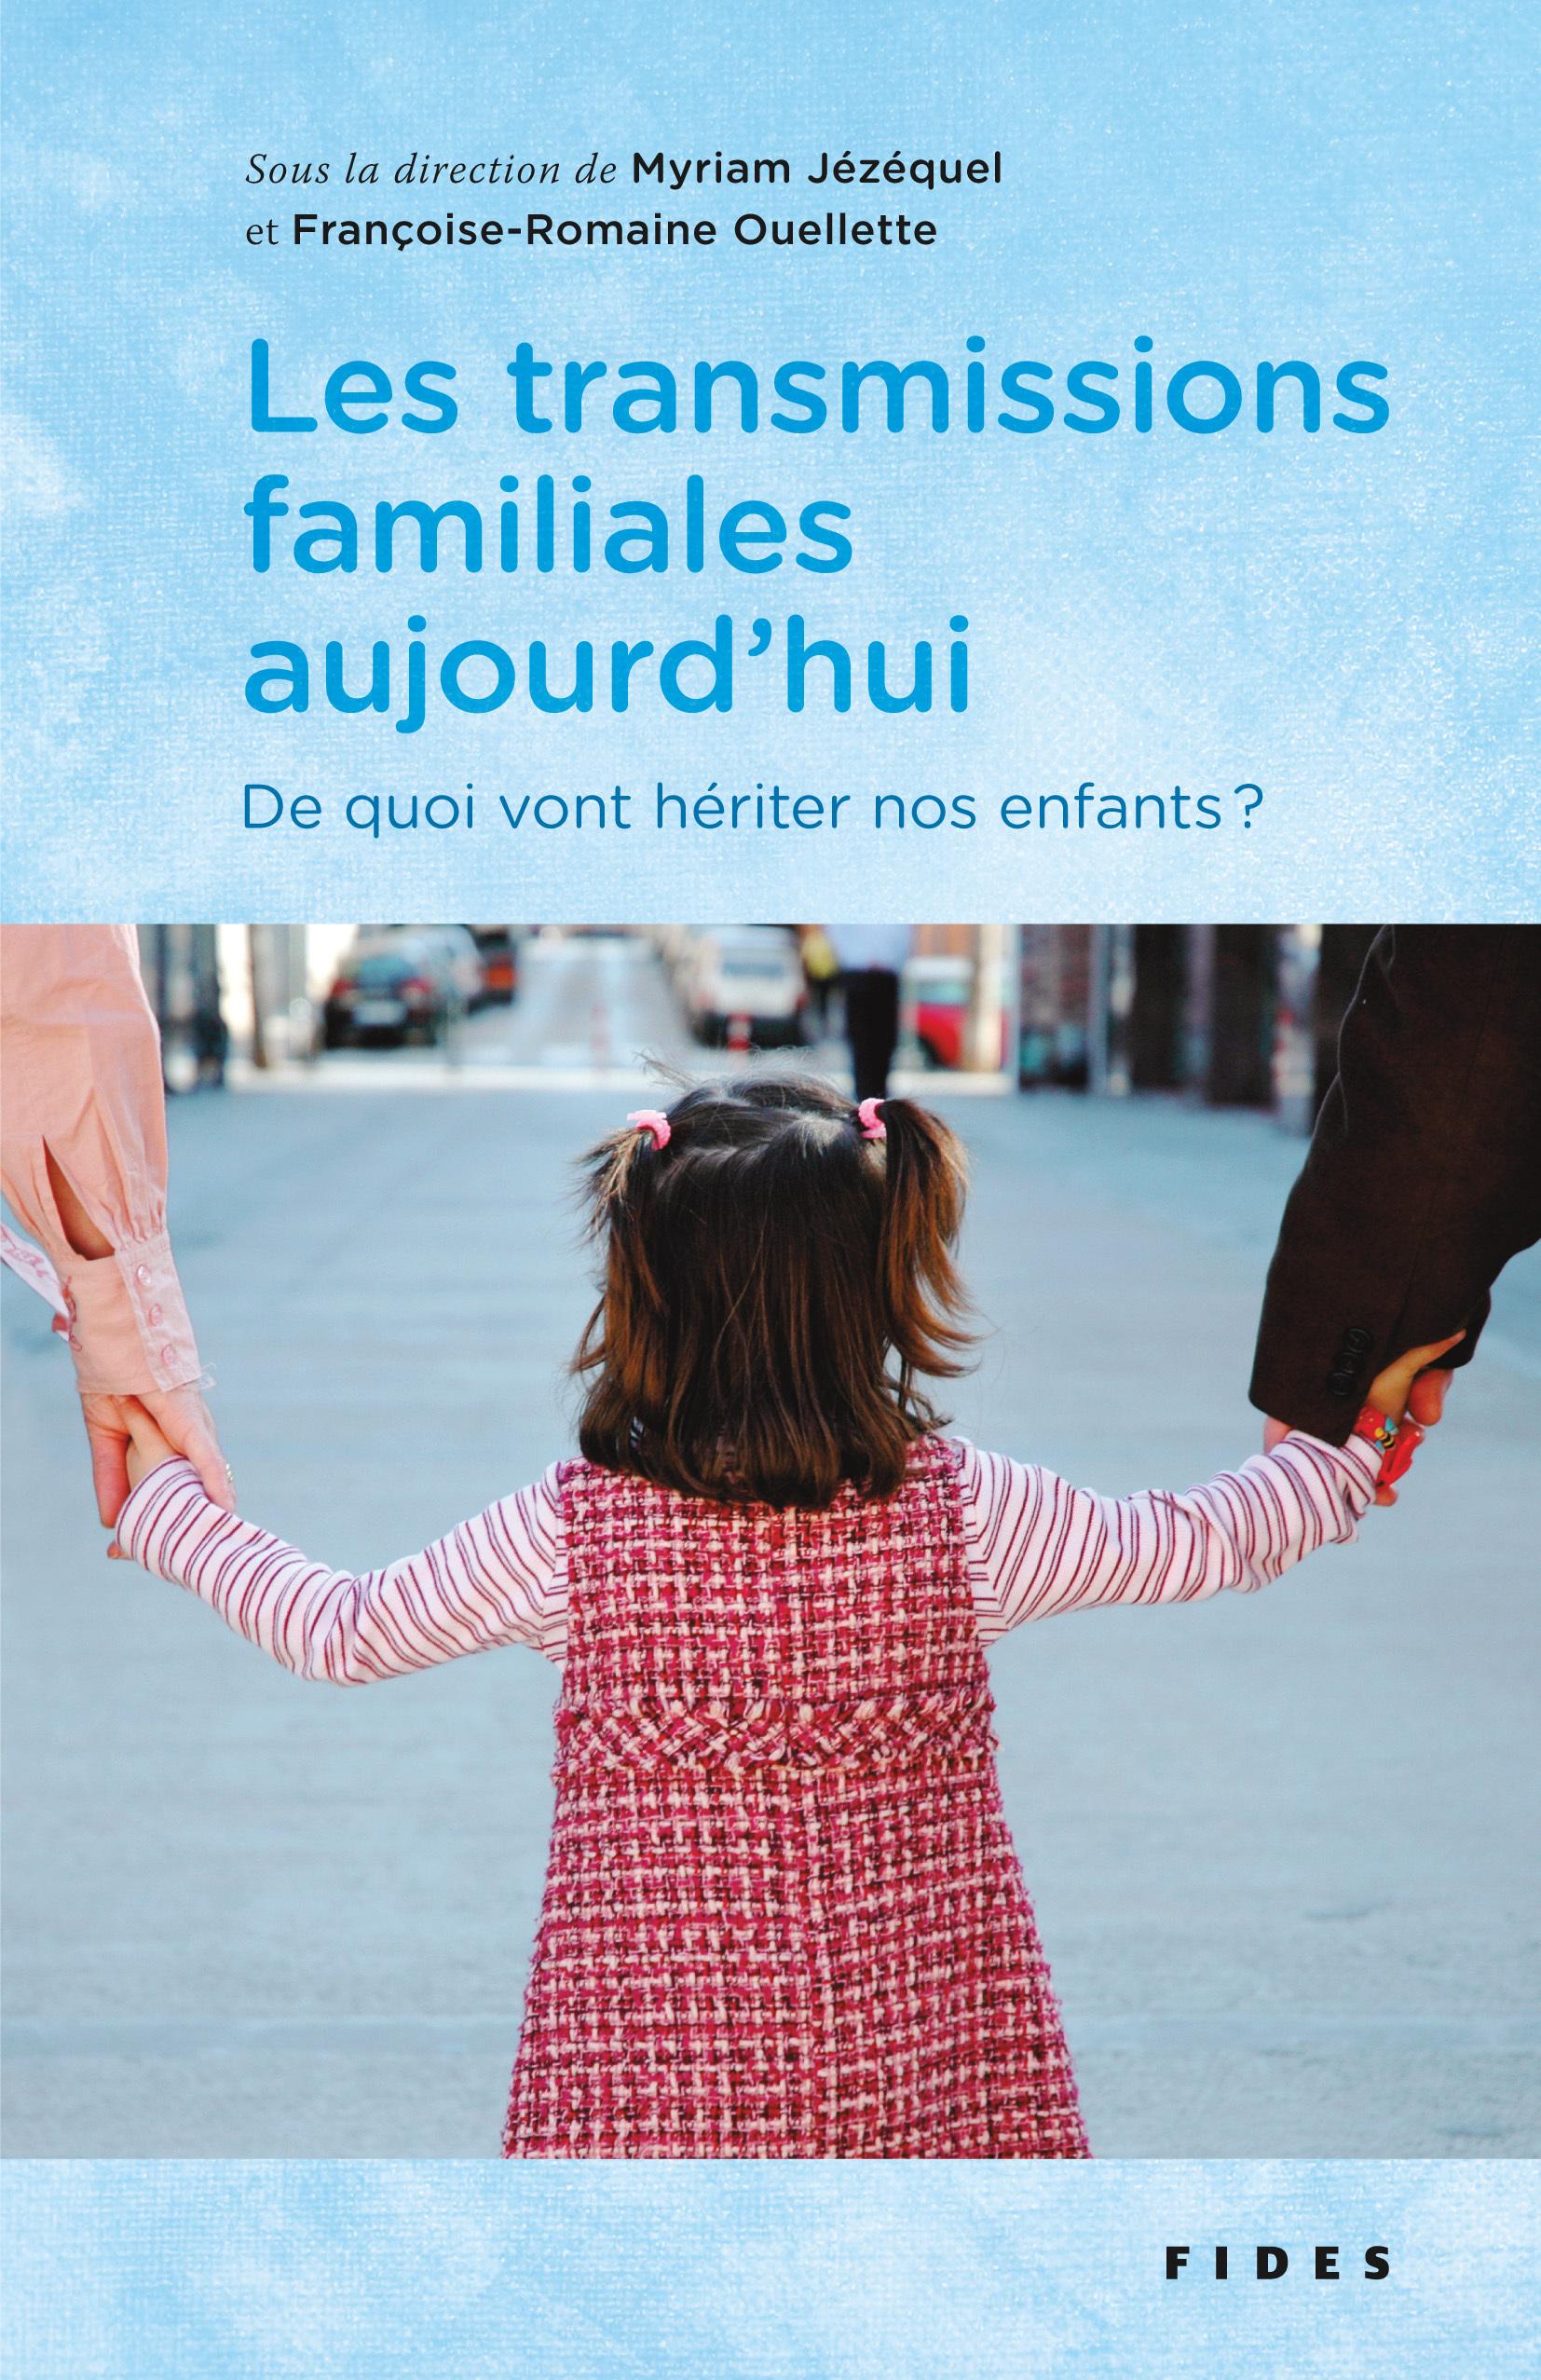 Les transmissions familiales aujourd'hui, De quoi vont hériter nos enfants??